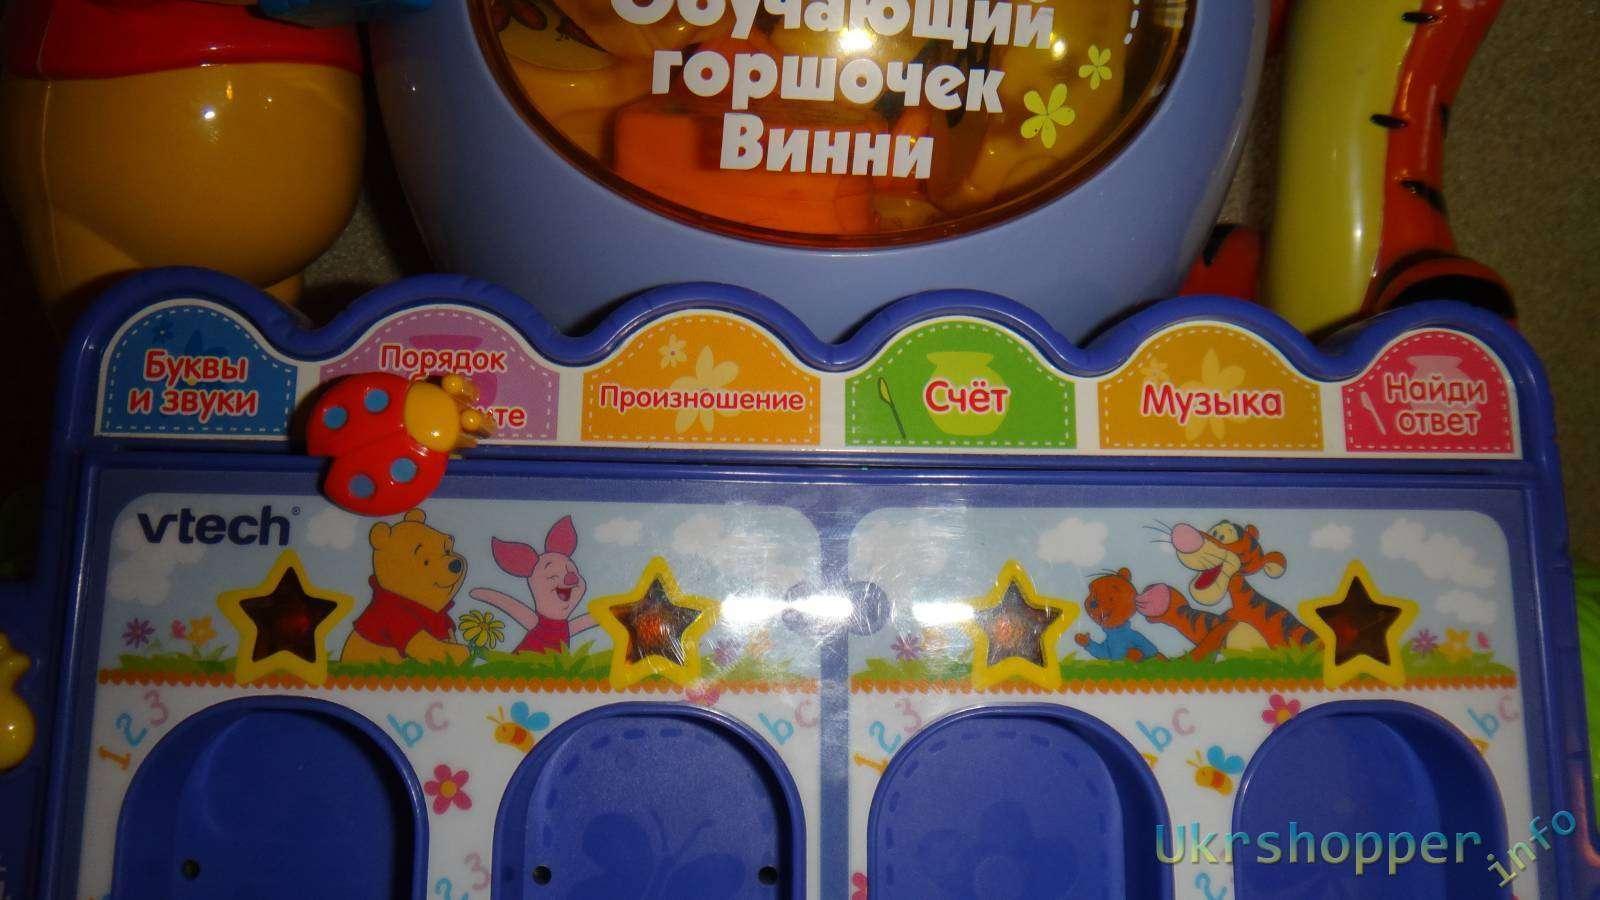 Сокол: Обзор развивающей игрушки фирмы  VTech 'Обучающий Горшочек Винни '